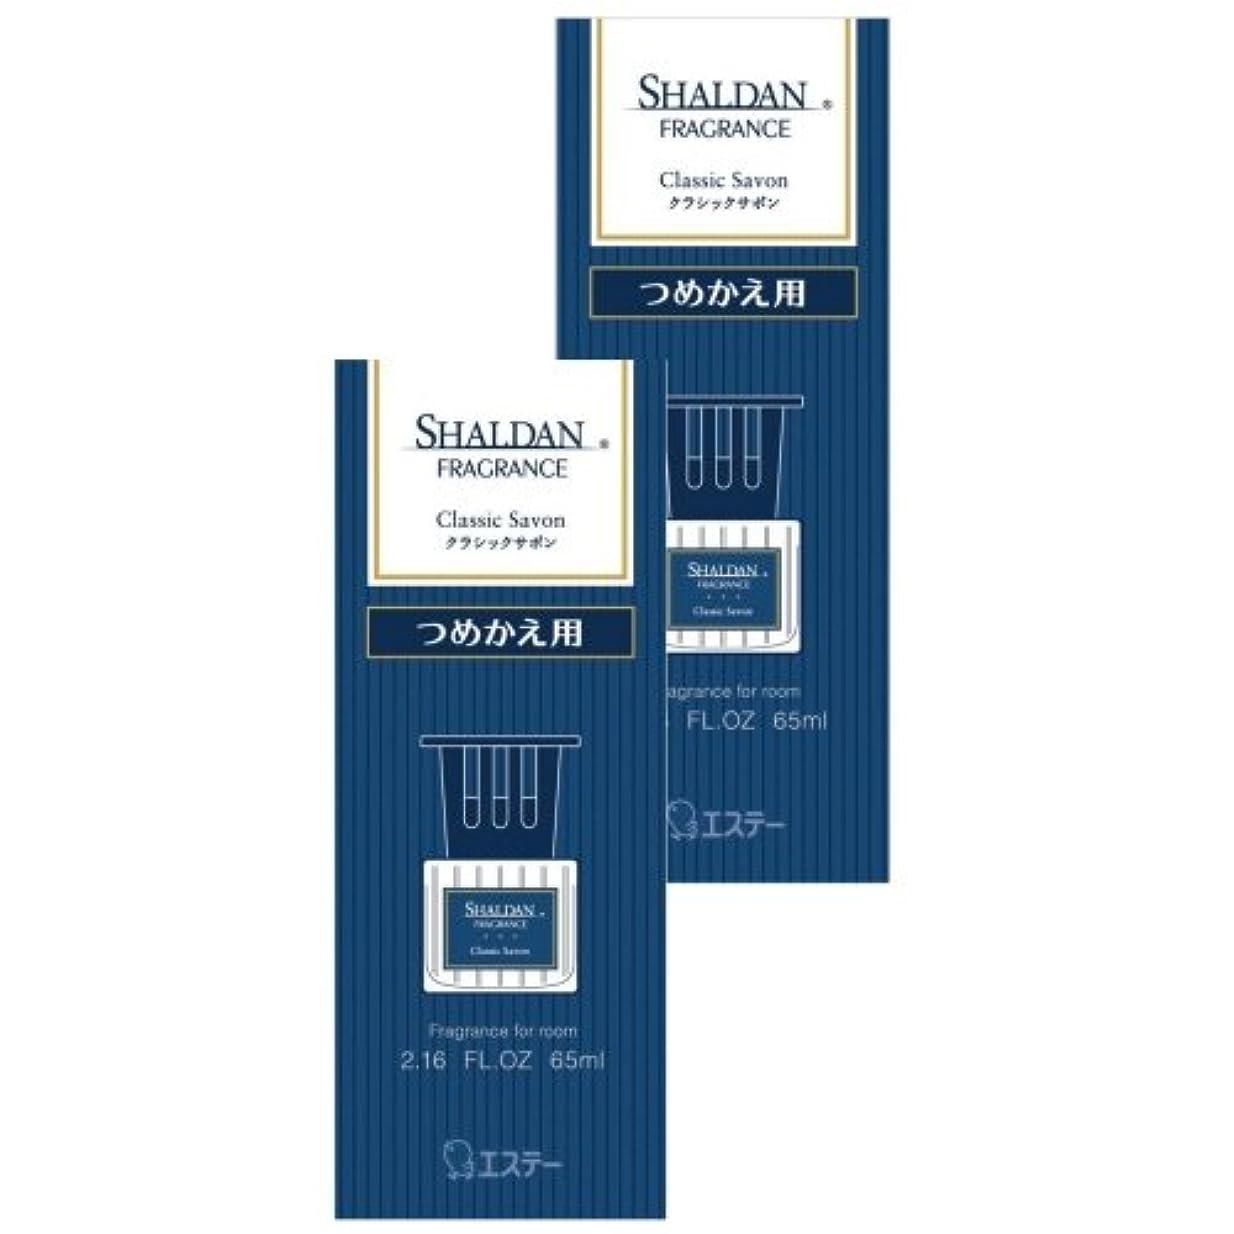 町認めるひばり【まとめ買い】 シャルダン SHALDAN フレグランス 消臭芳香剤 部屋用 つめかえ クラシックサボン 65ml×2個